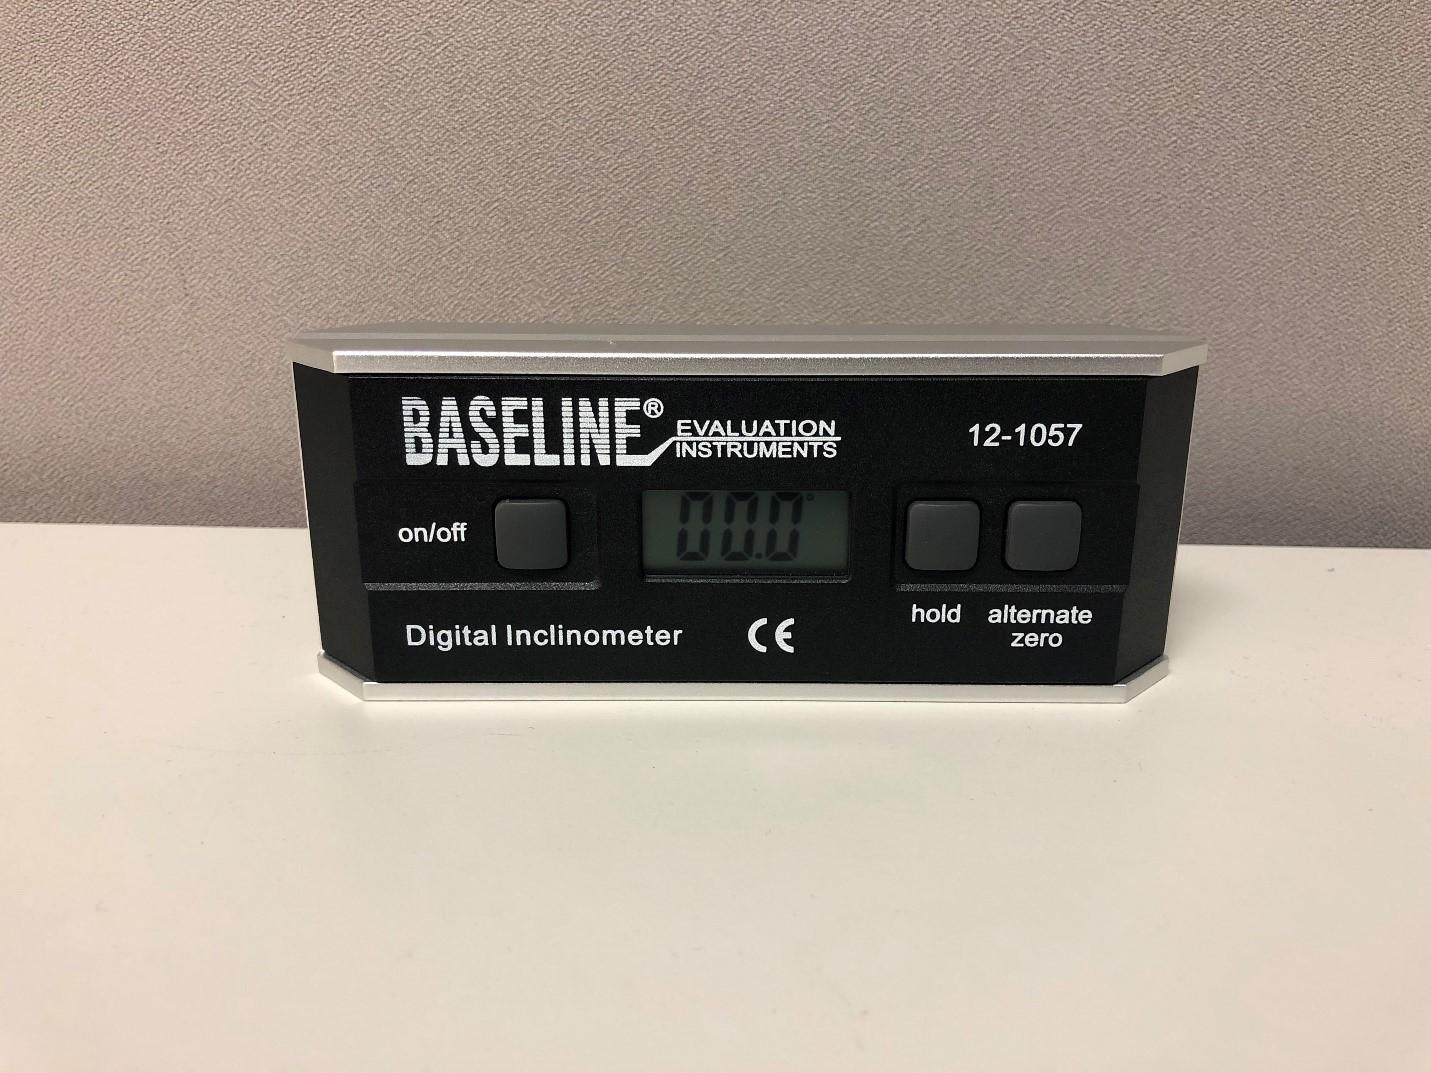 Baseline Digital Inclinometer - blog